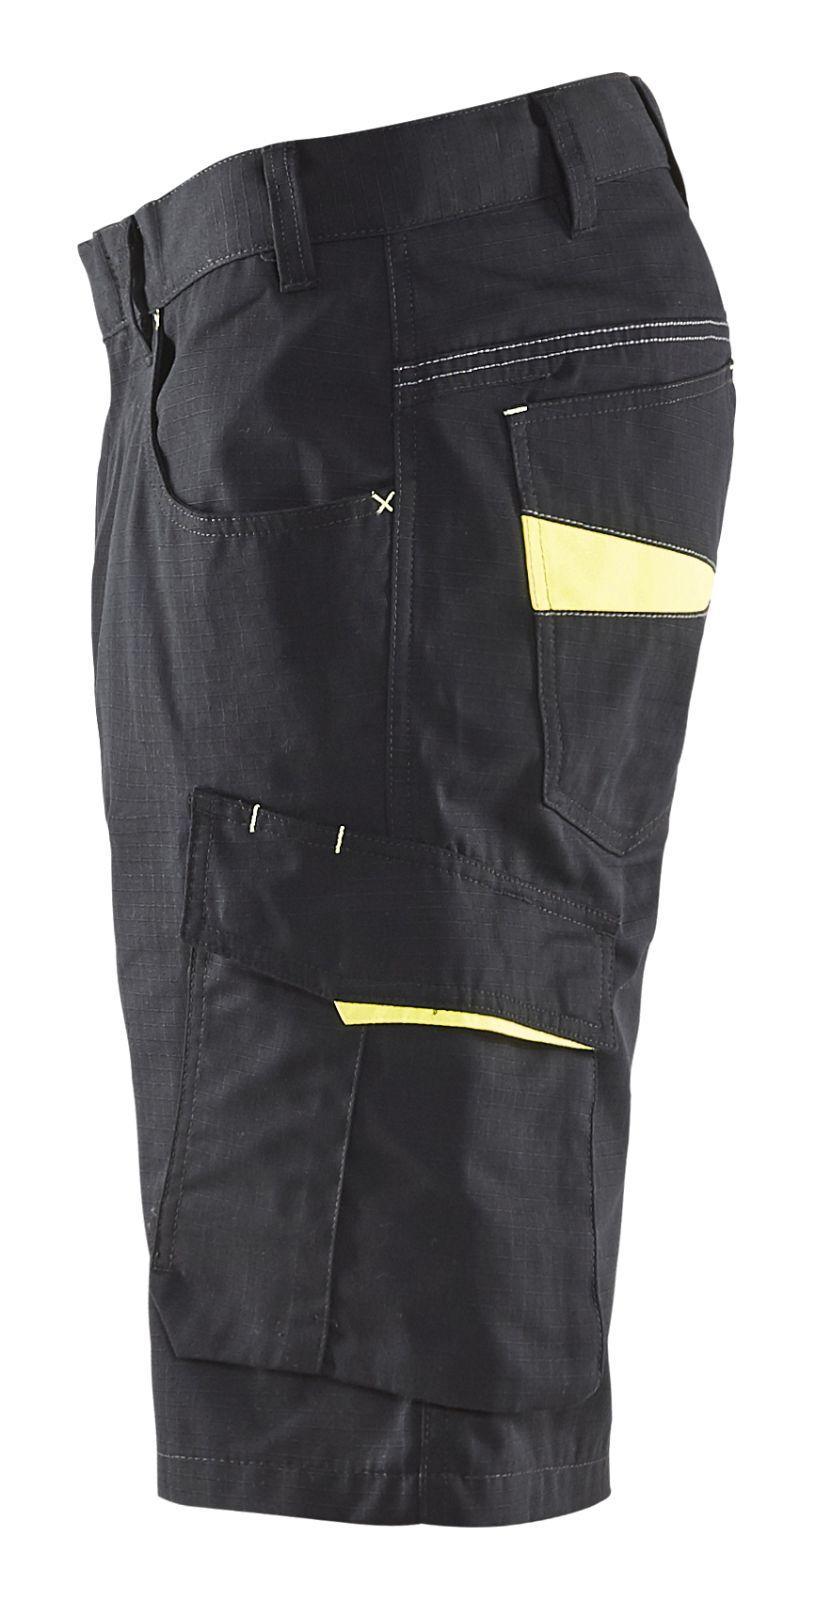 Blaklader Korte werkbroeken 14991330 zwart-geel(9933)